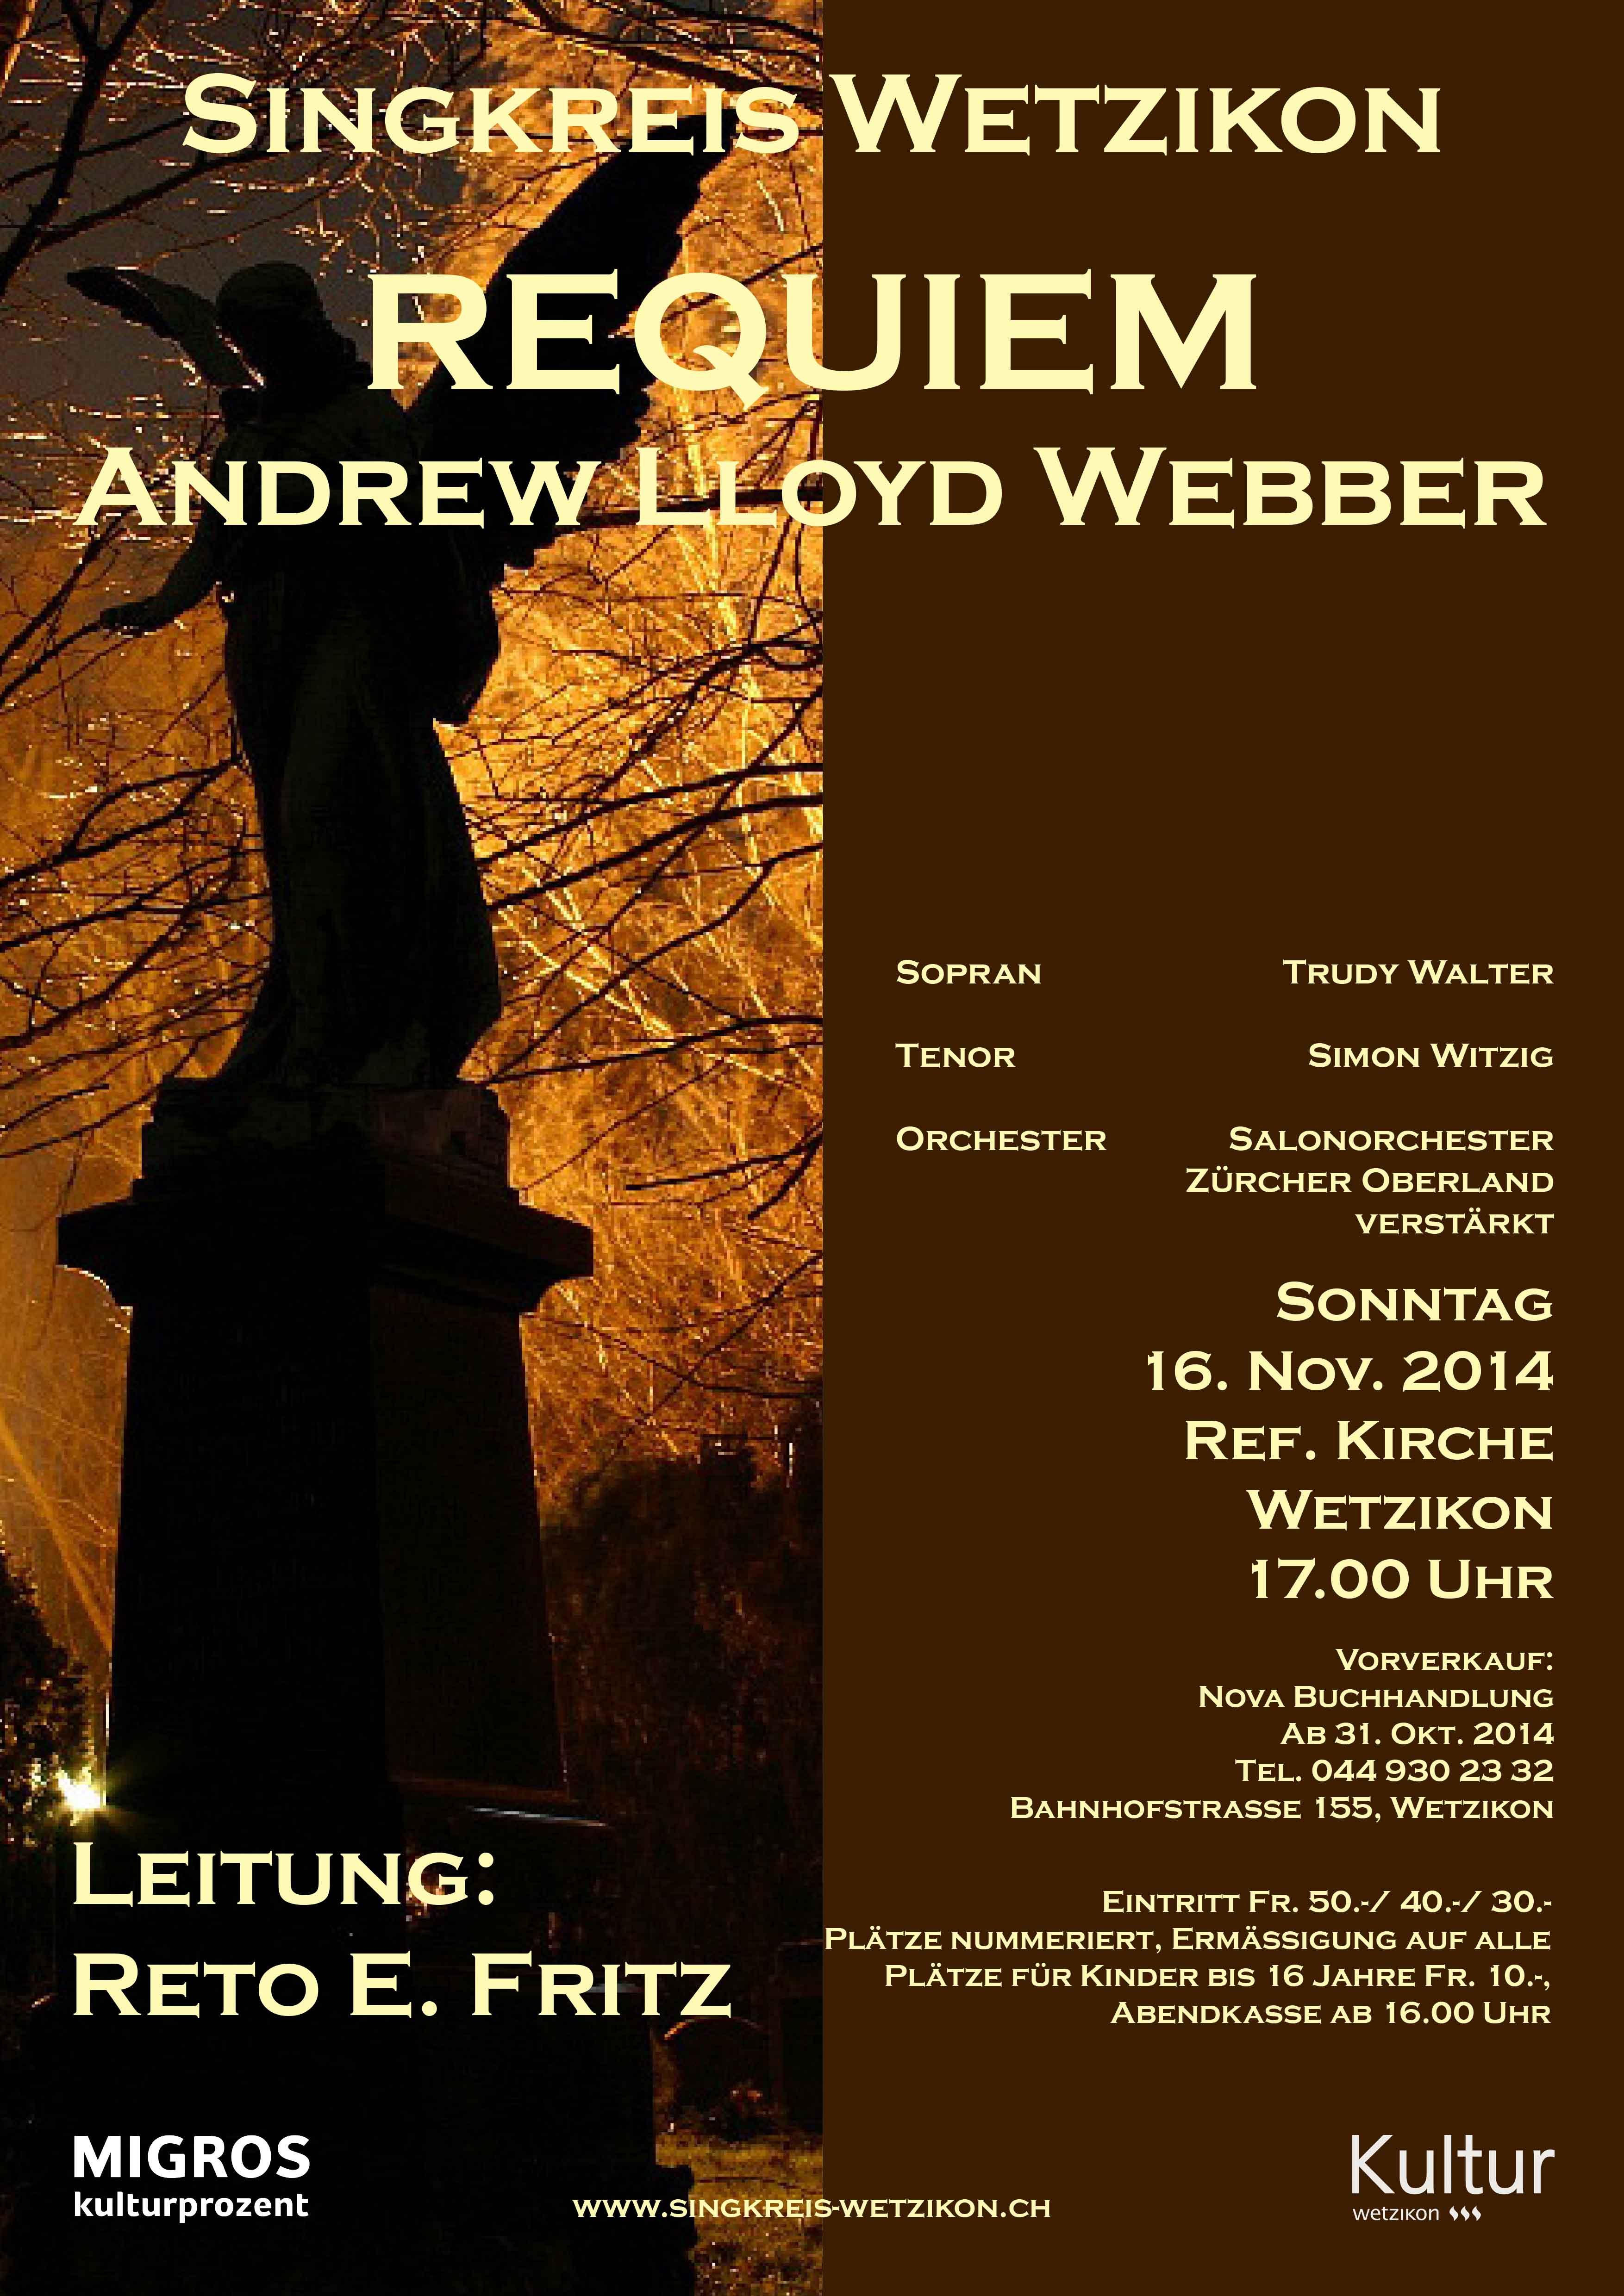 2014 Requiem A.L.Webber